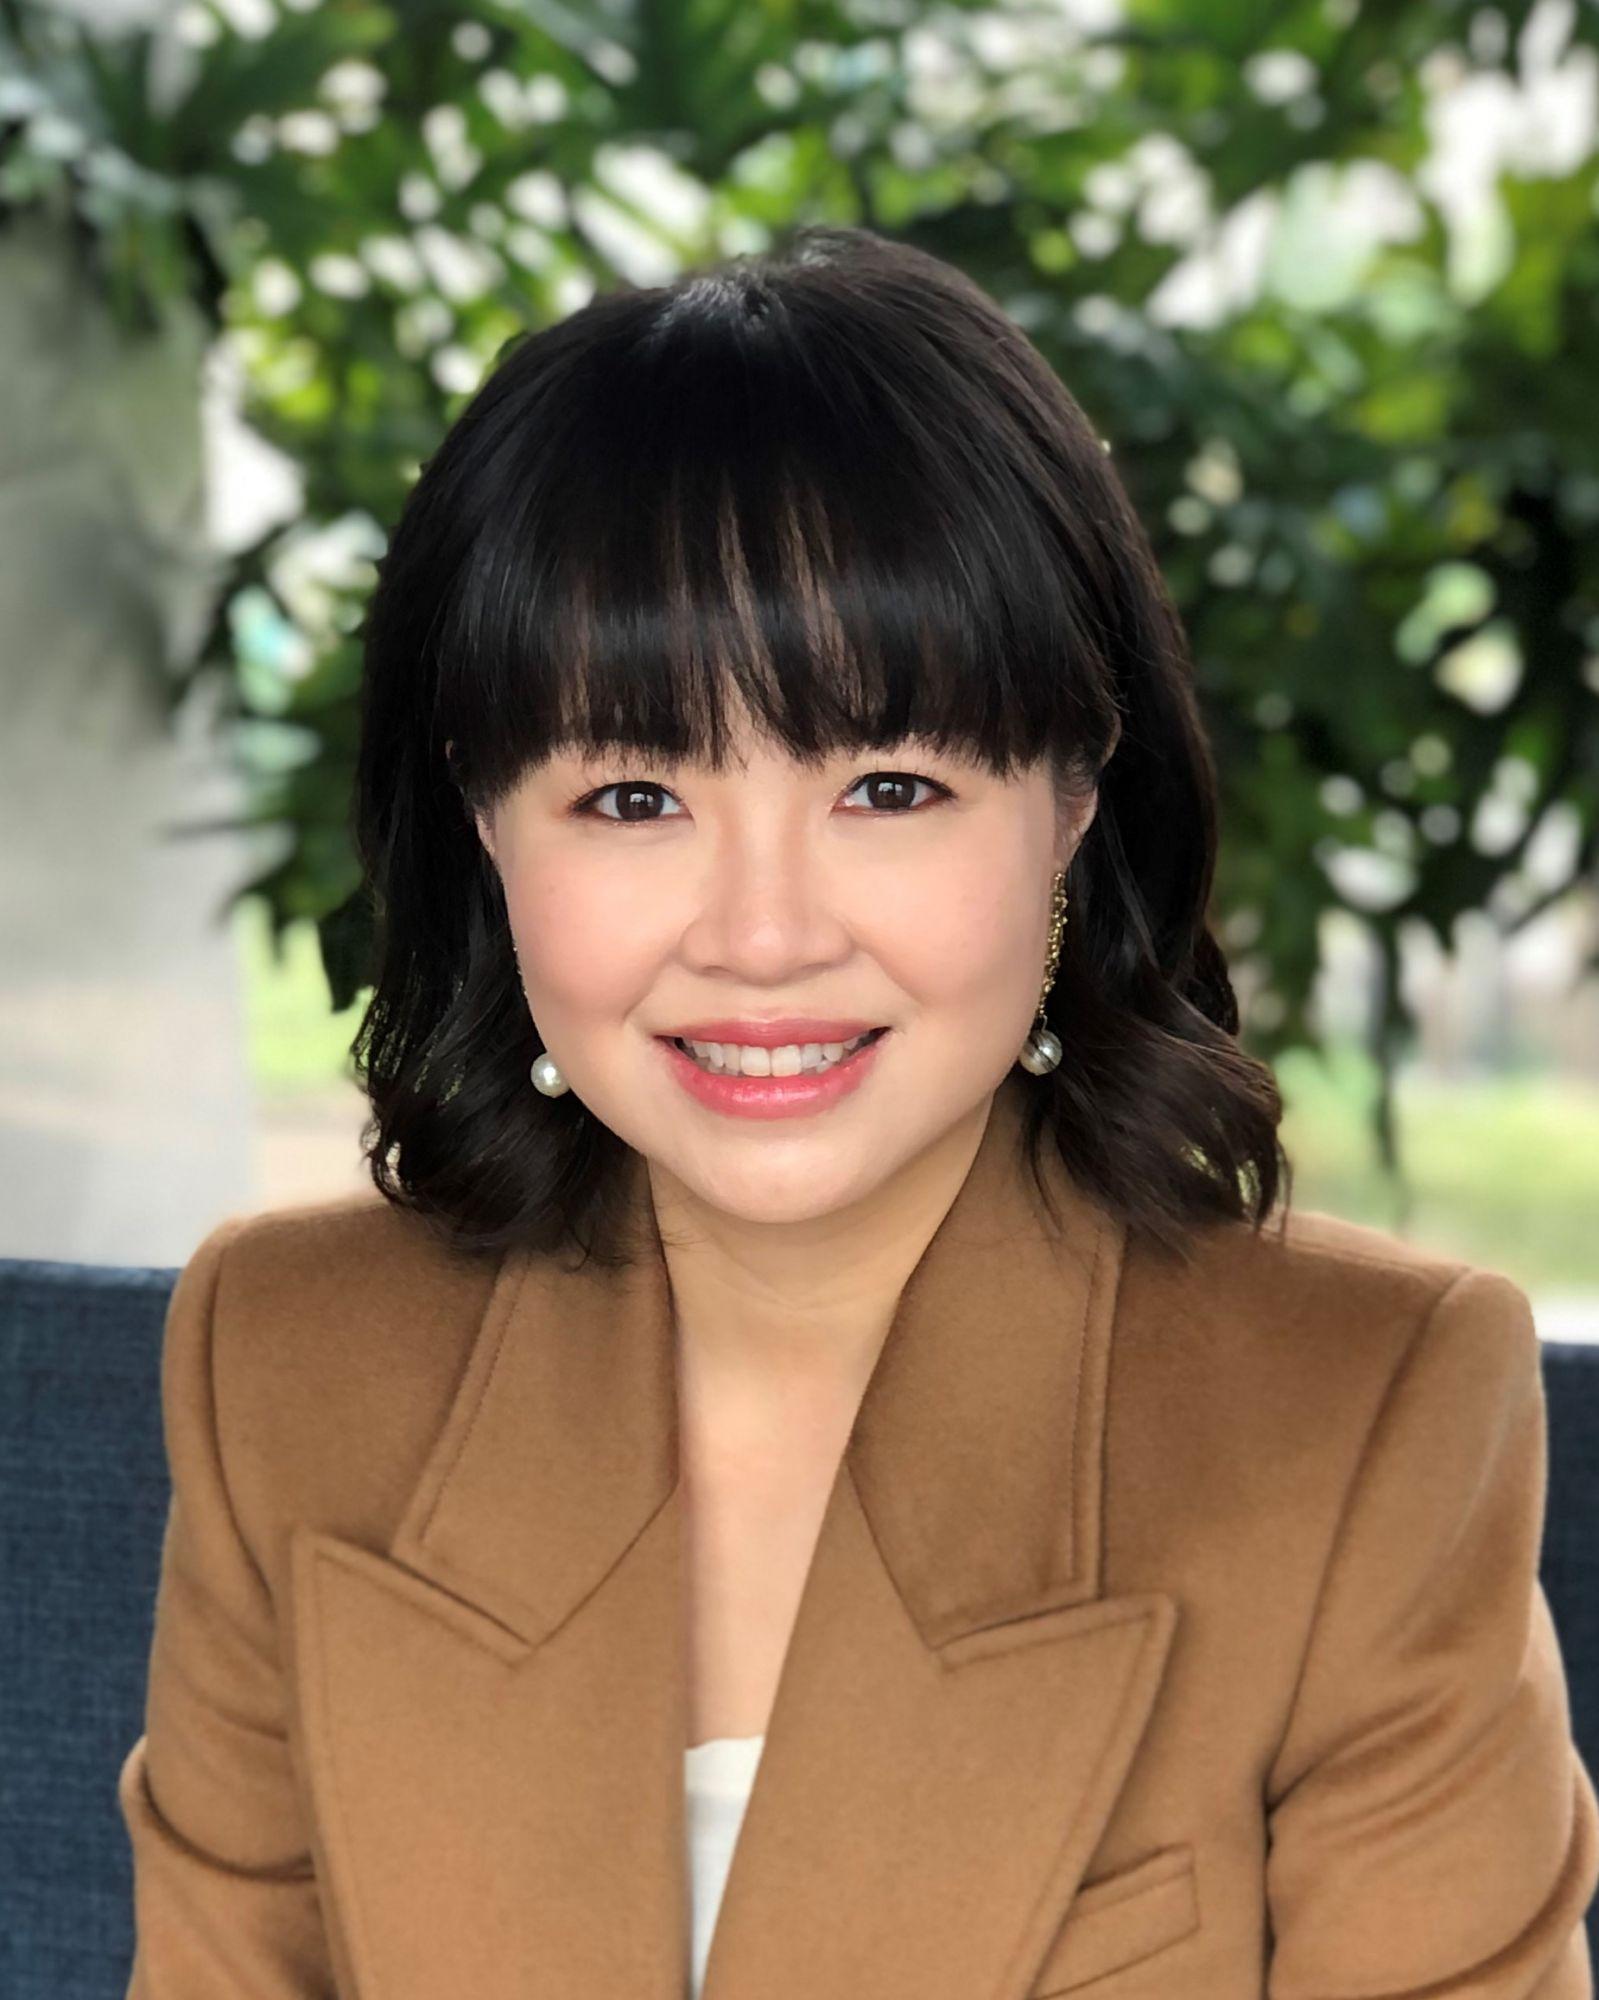 Jennifer Yu Cheng Launches A Girls' Foundation To Inspire Young Women